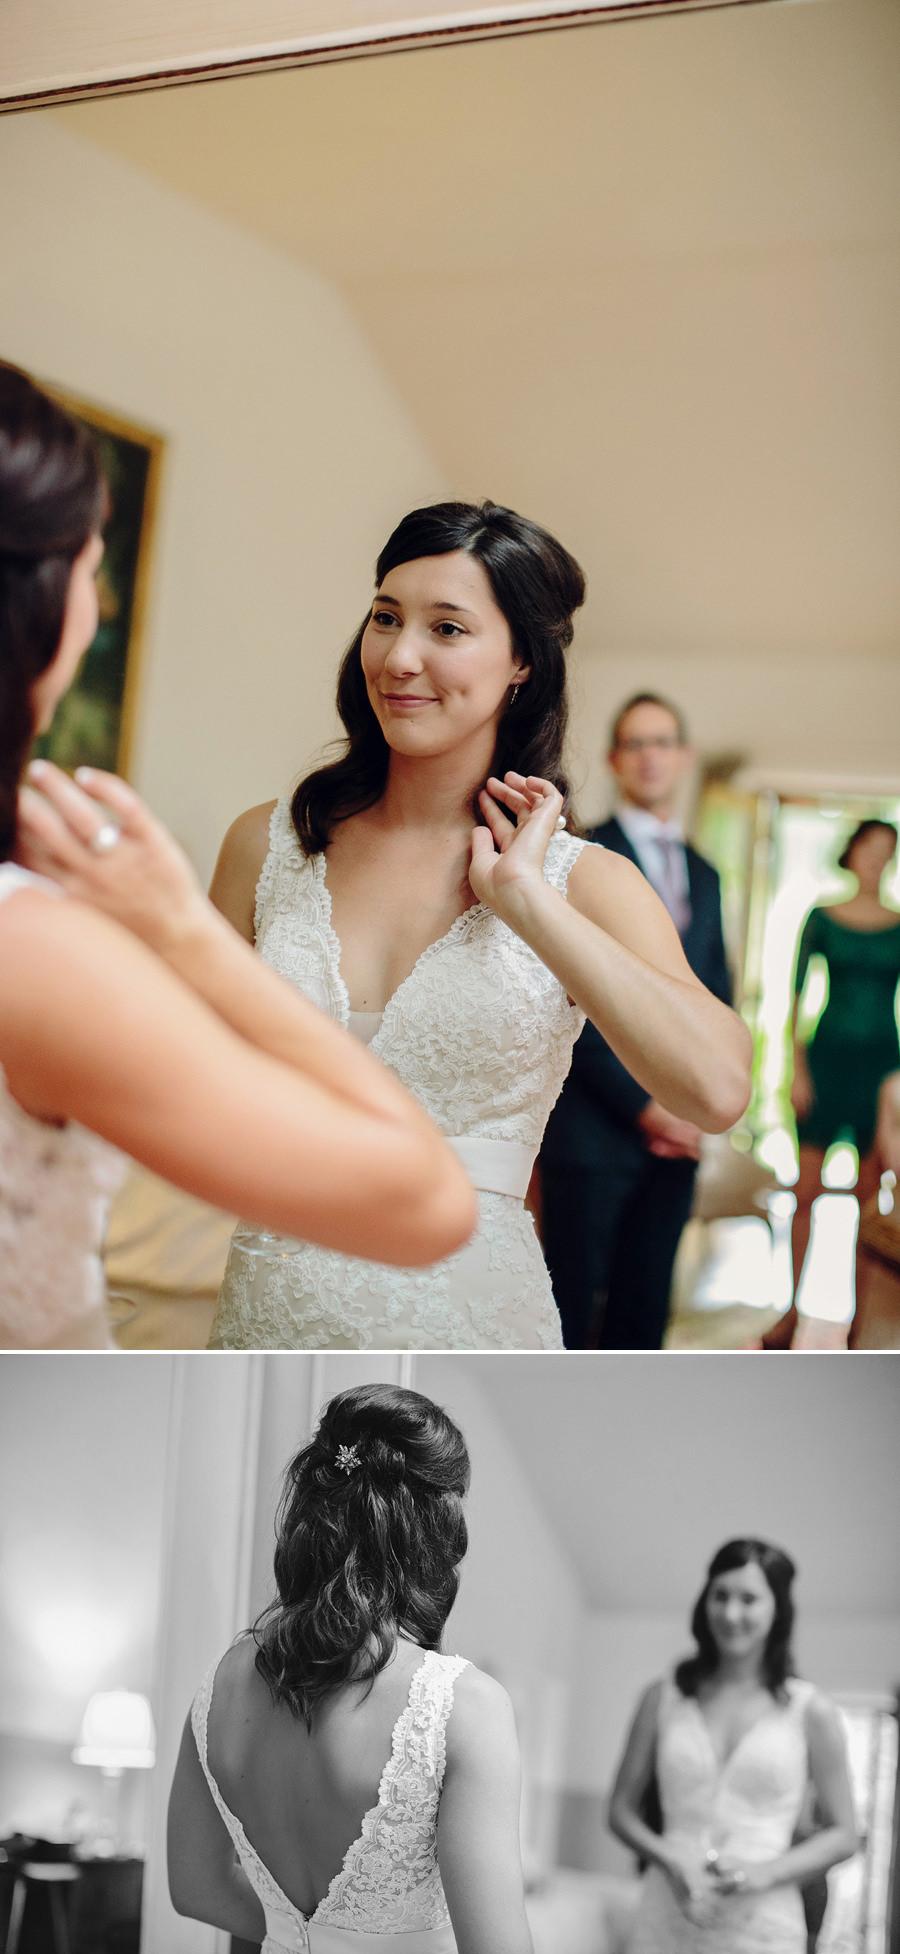 Upper Orara Wedding Photographer: Girls getting ready